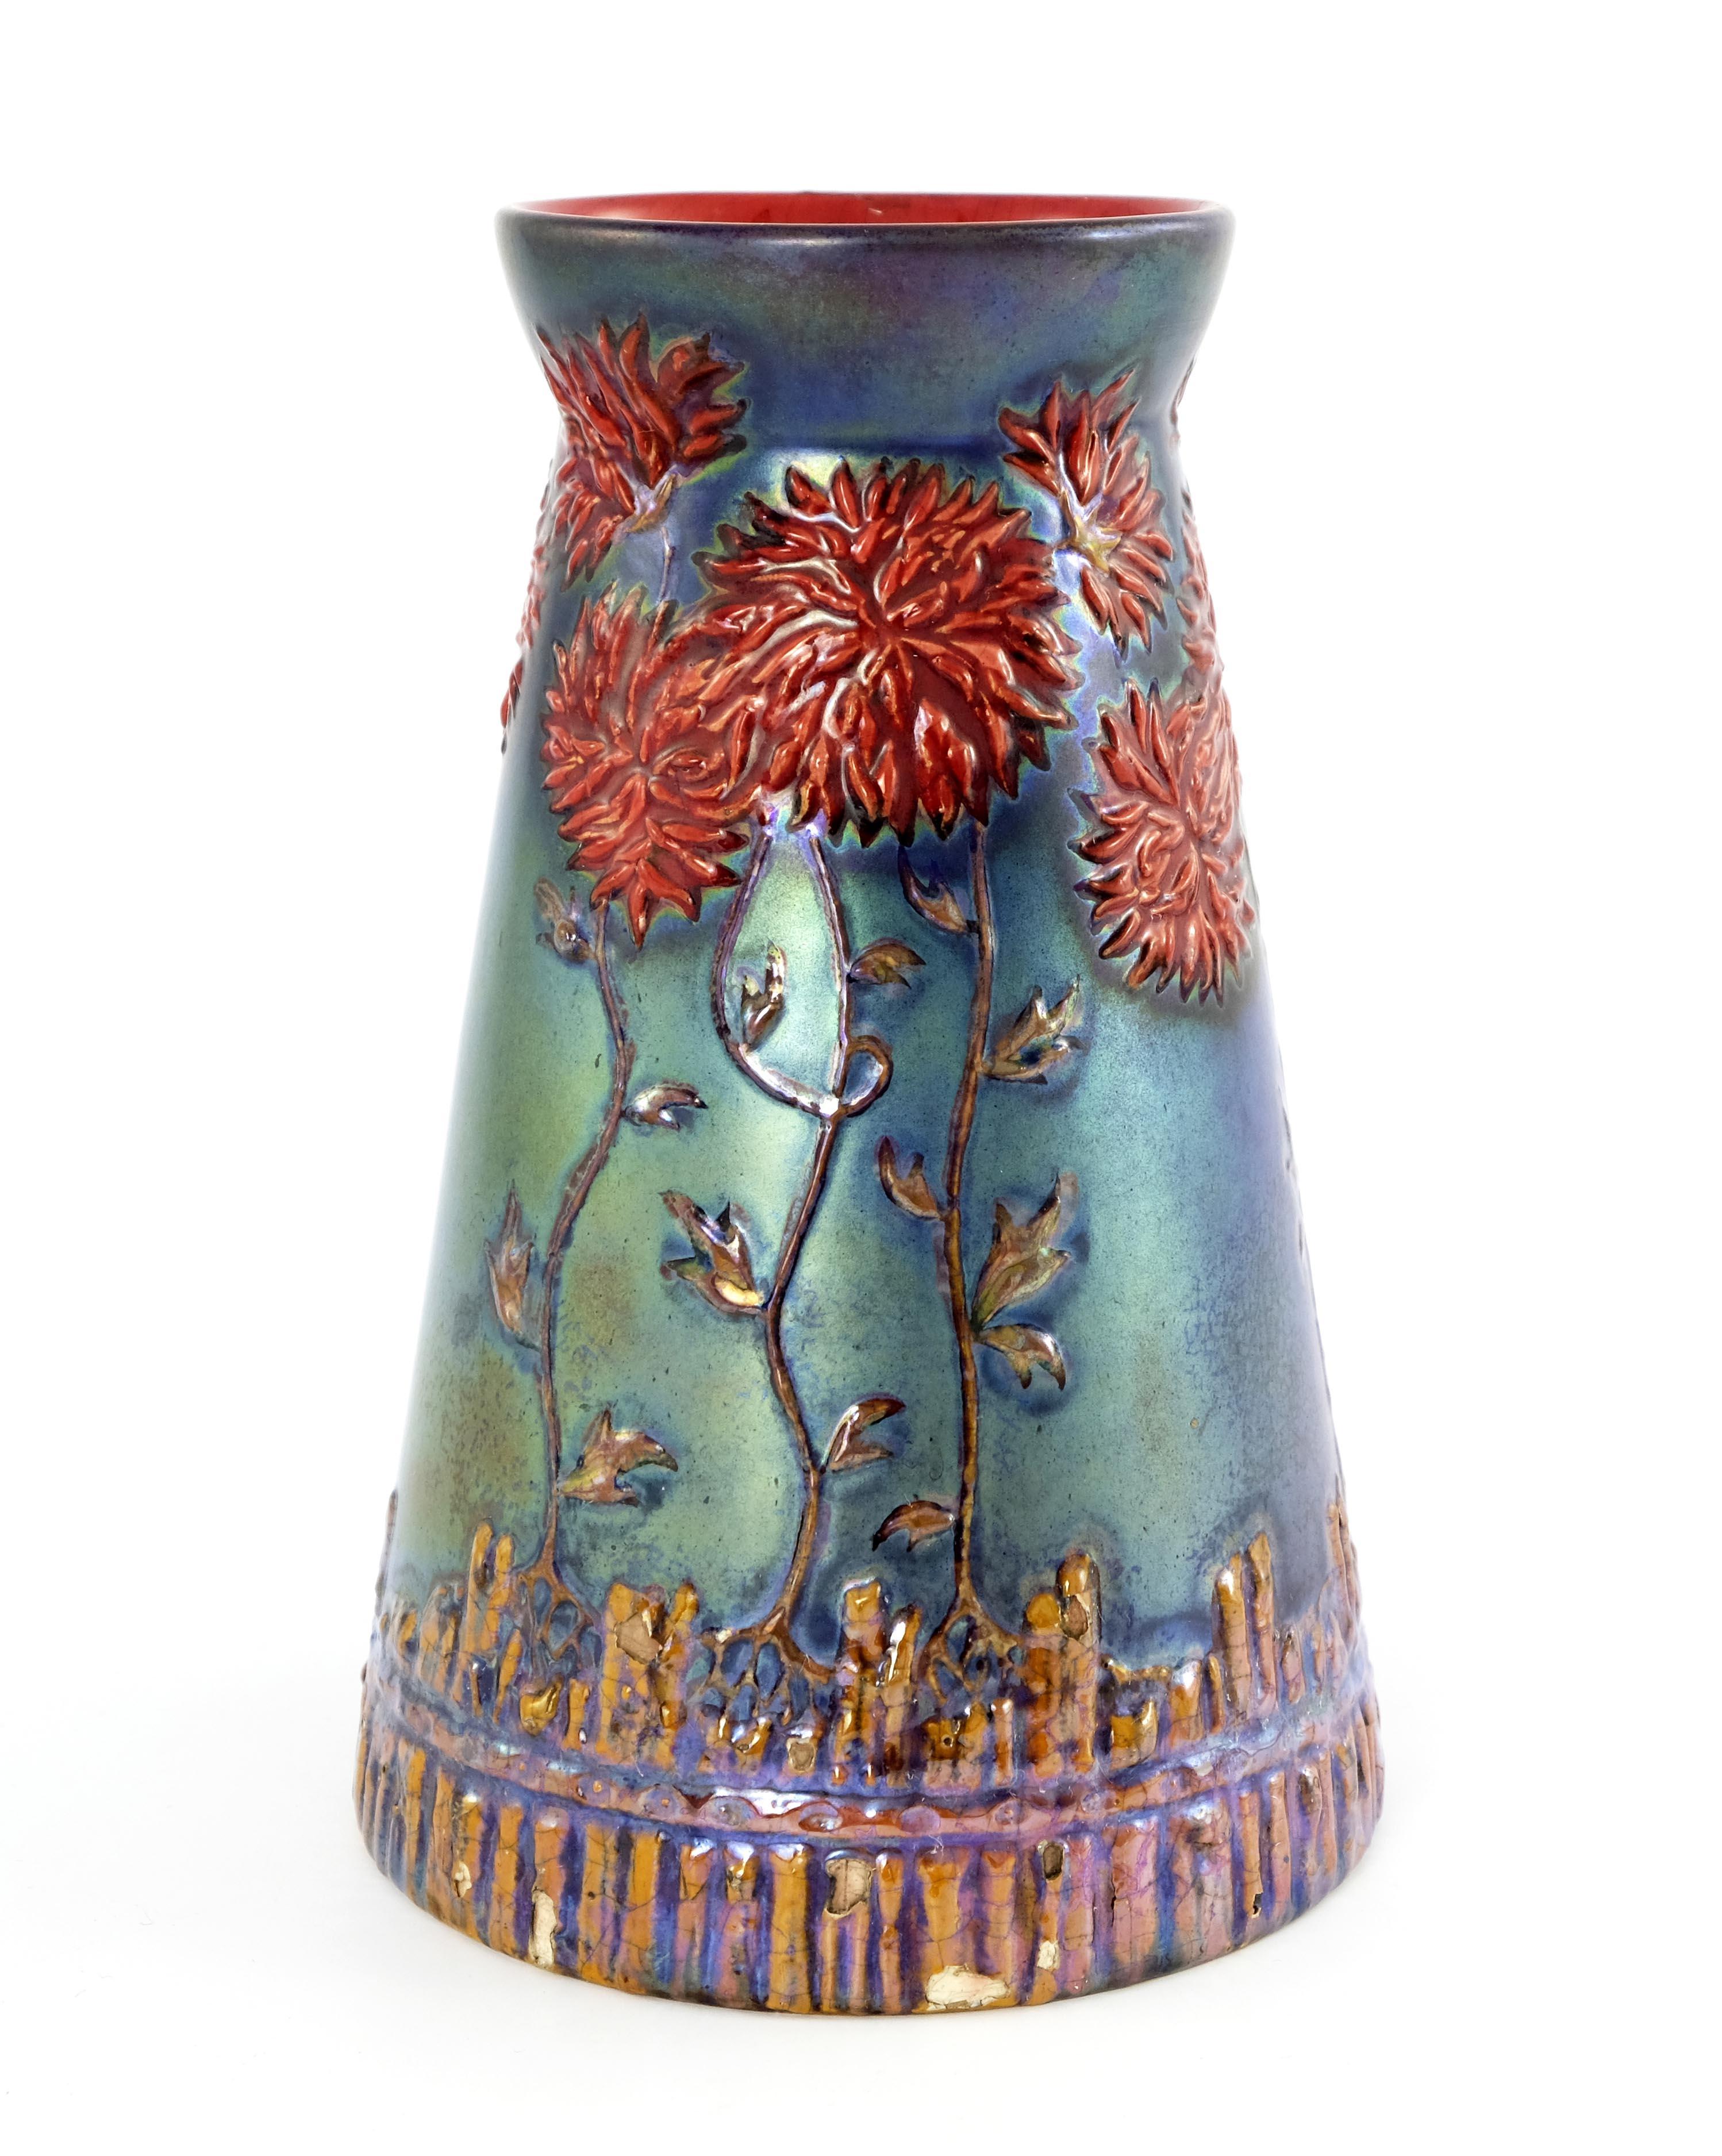 Zsolnay, Pecs, a lustre vase